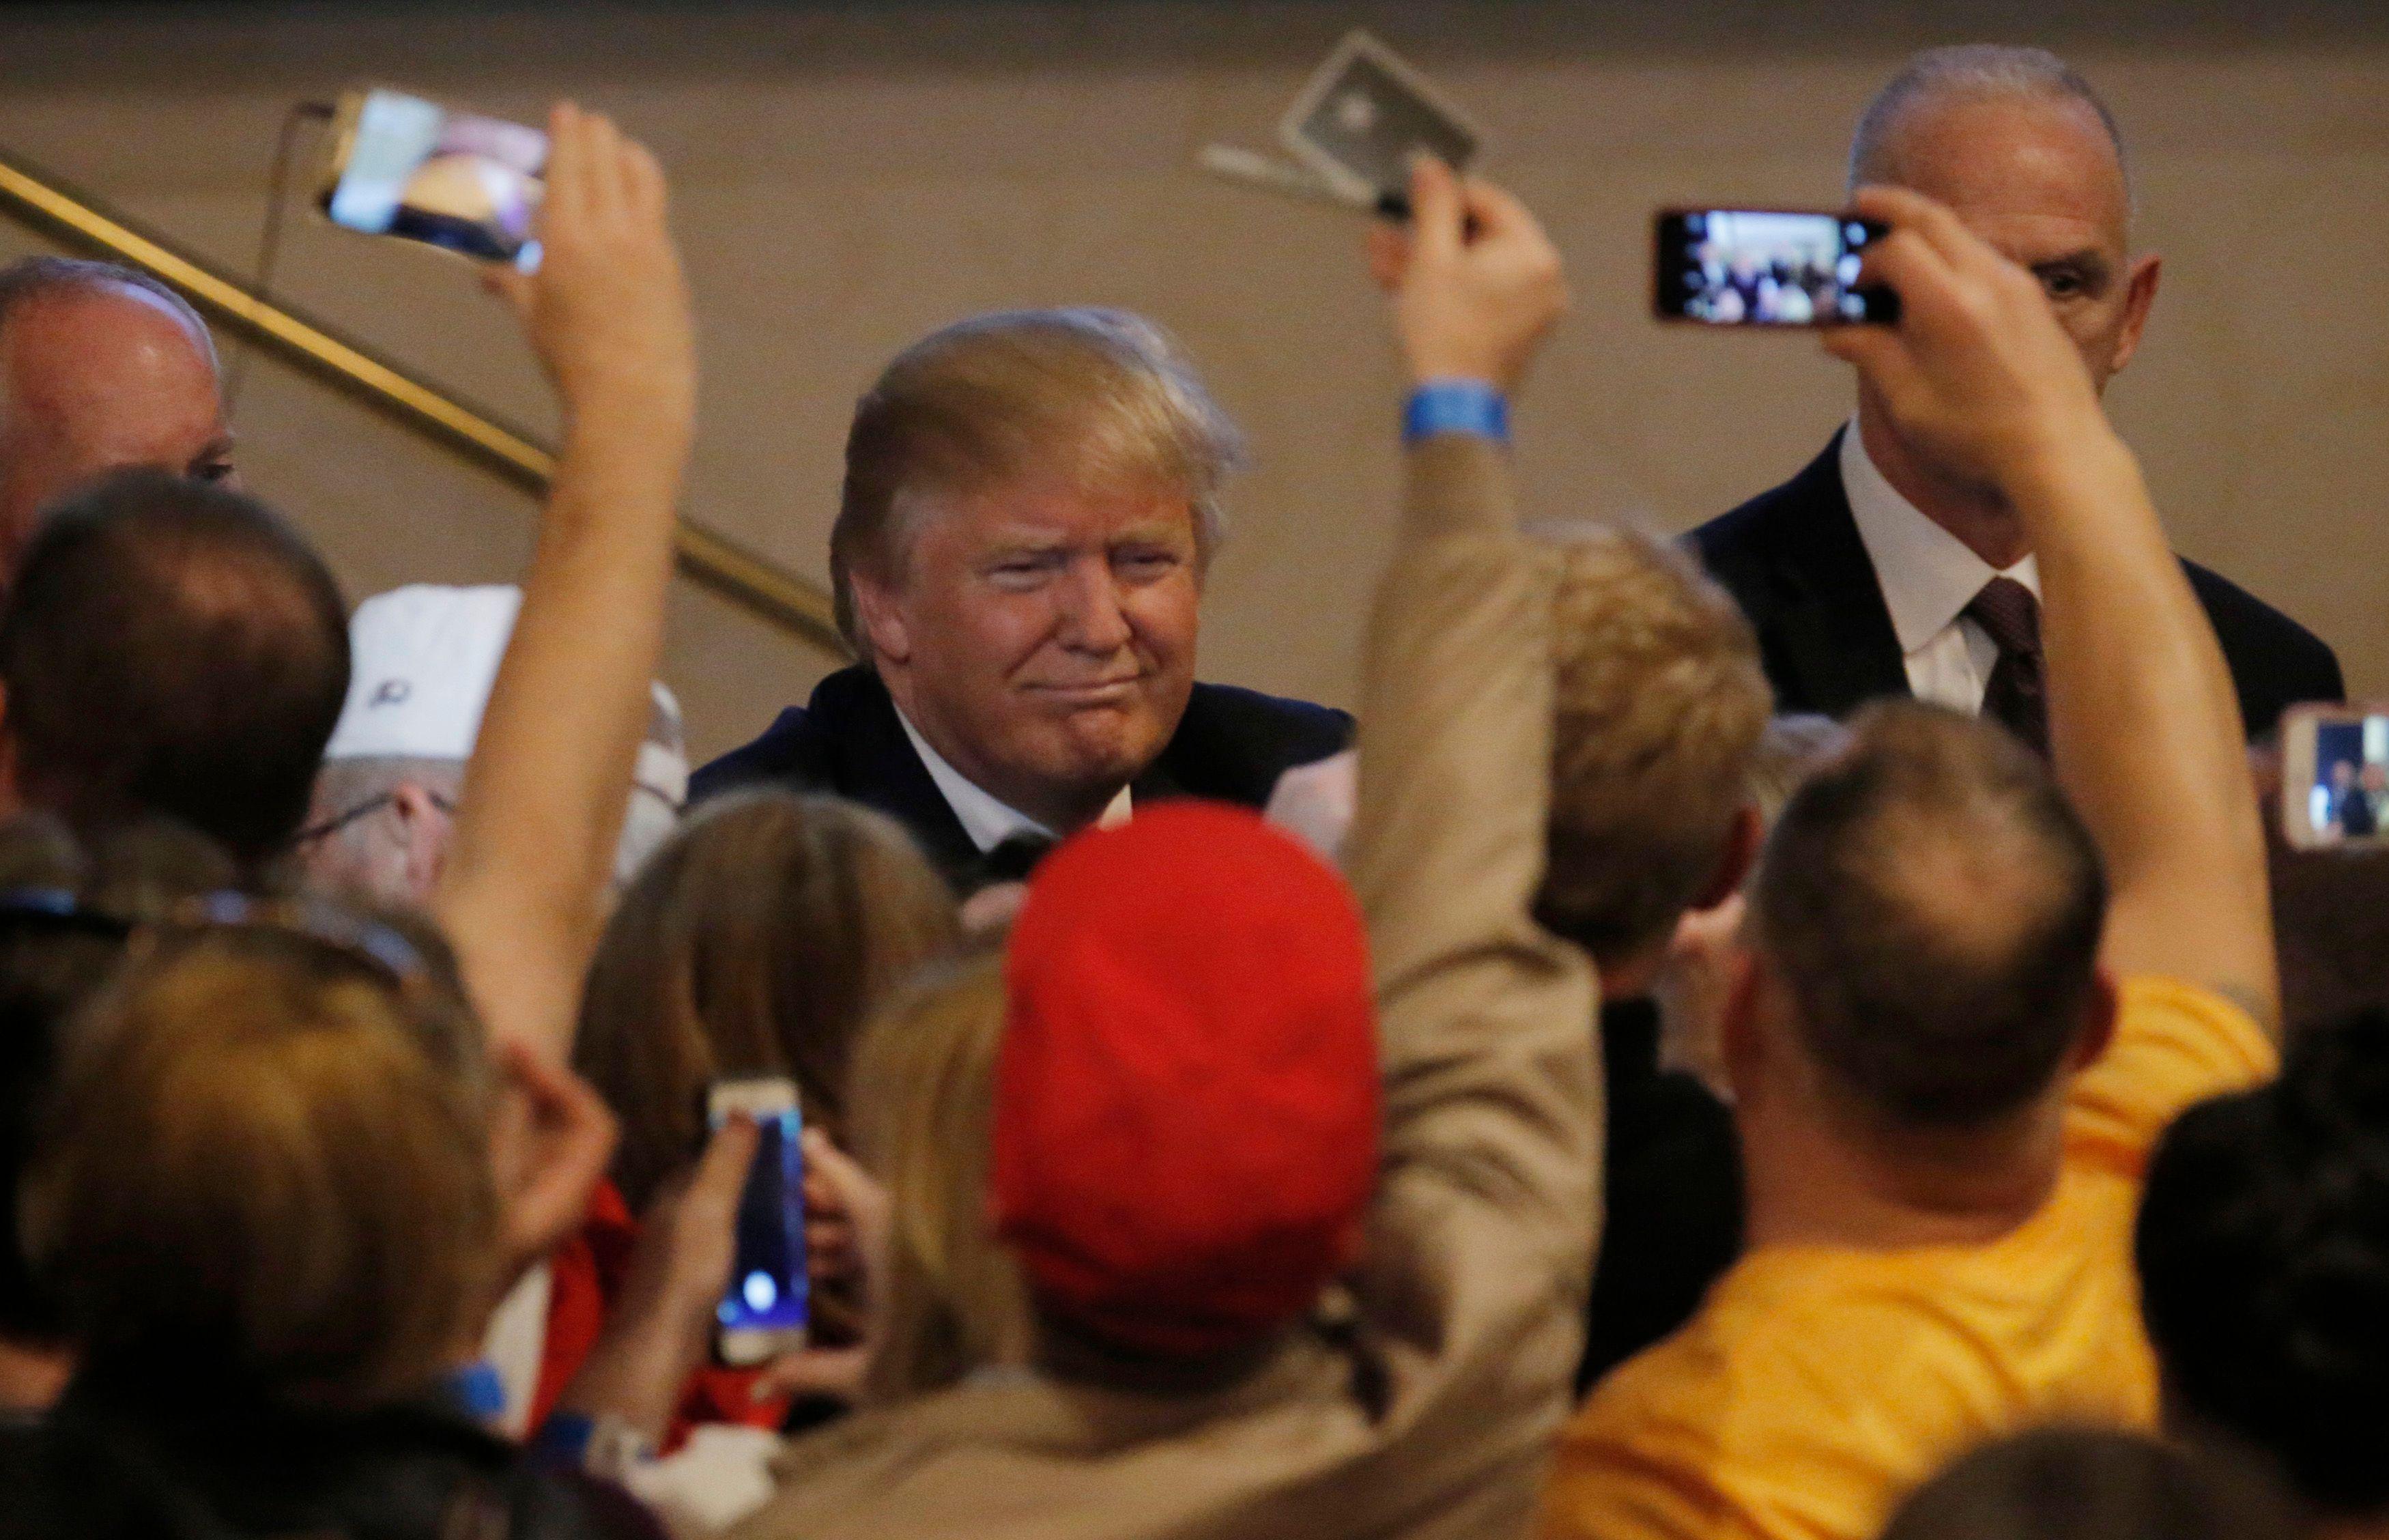 La relative platitude des candidats républicains, ajoutée au sentiment que rien ne change, crée un vide. Donald Trump le remplit par sa personnalité et sa liberté de ton, par son profil aussi car il n'est pas un politique.